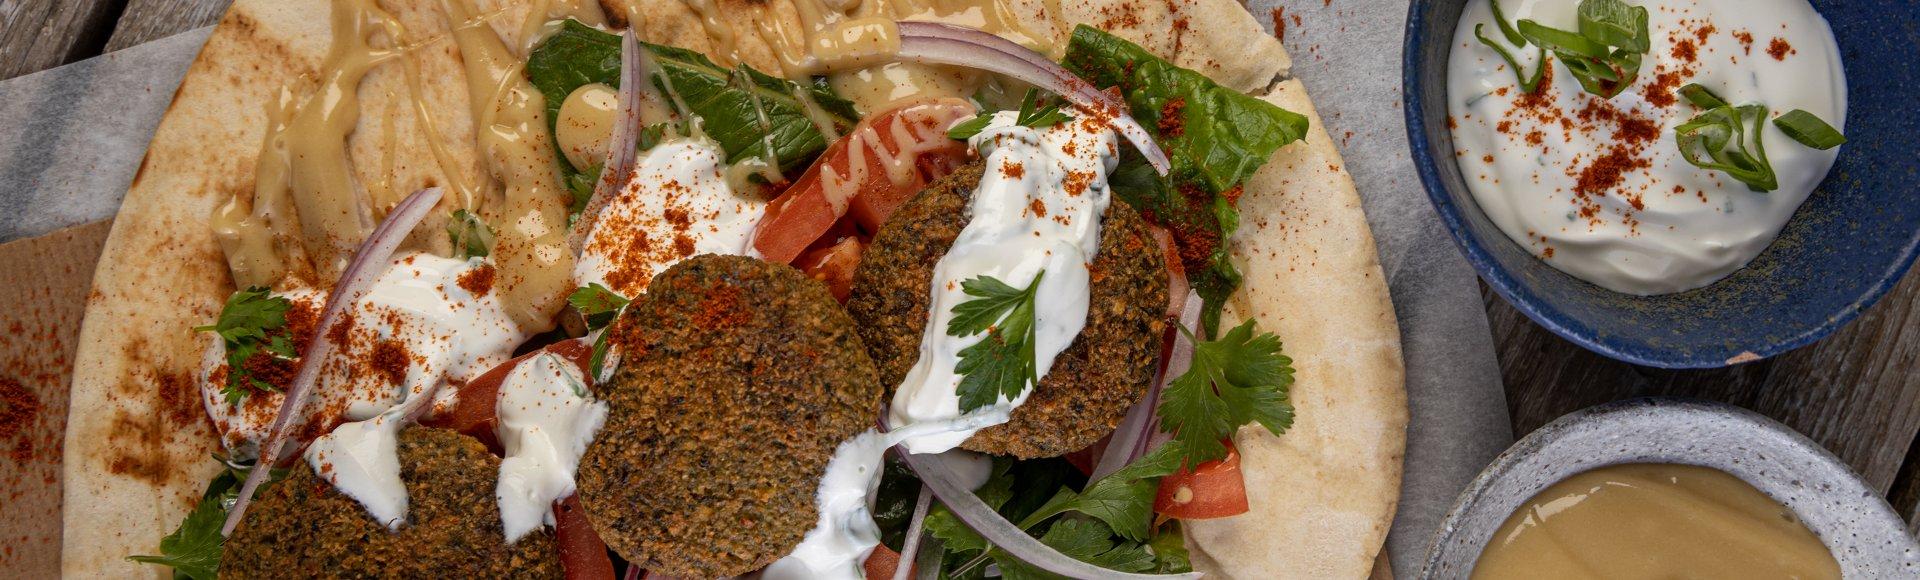 Φαλάφελ τυλιχτό με σάλτσα ταχίνι